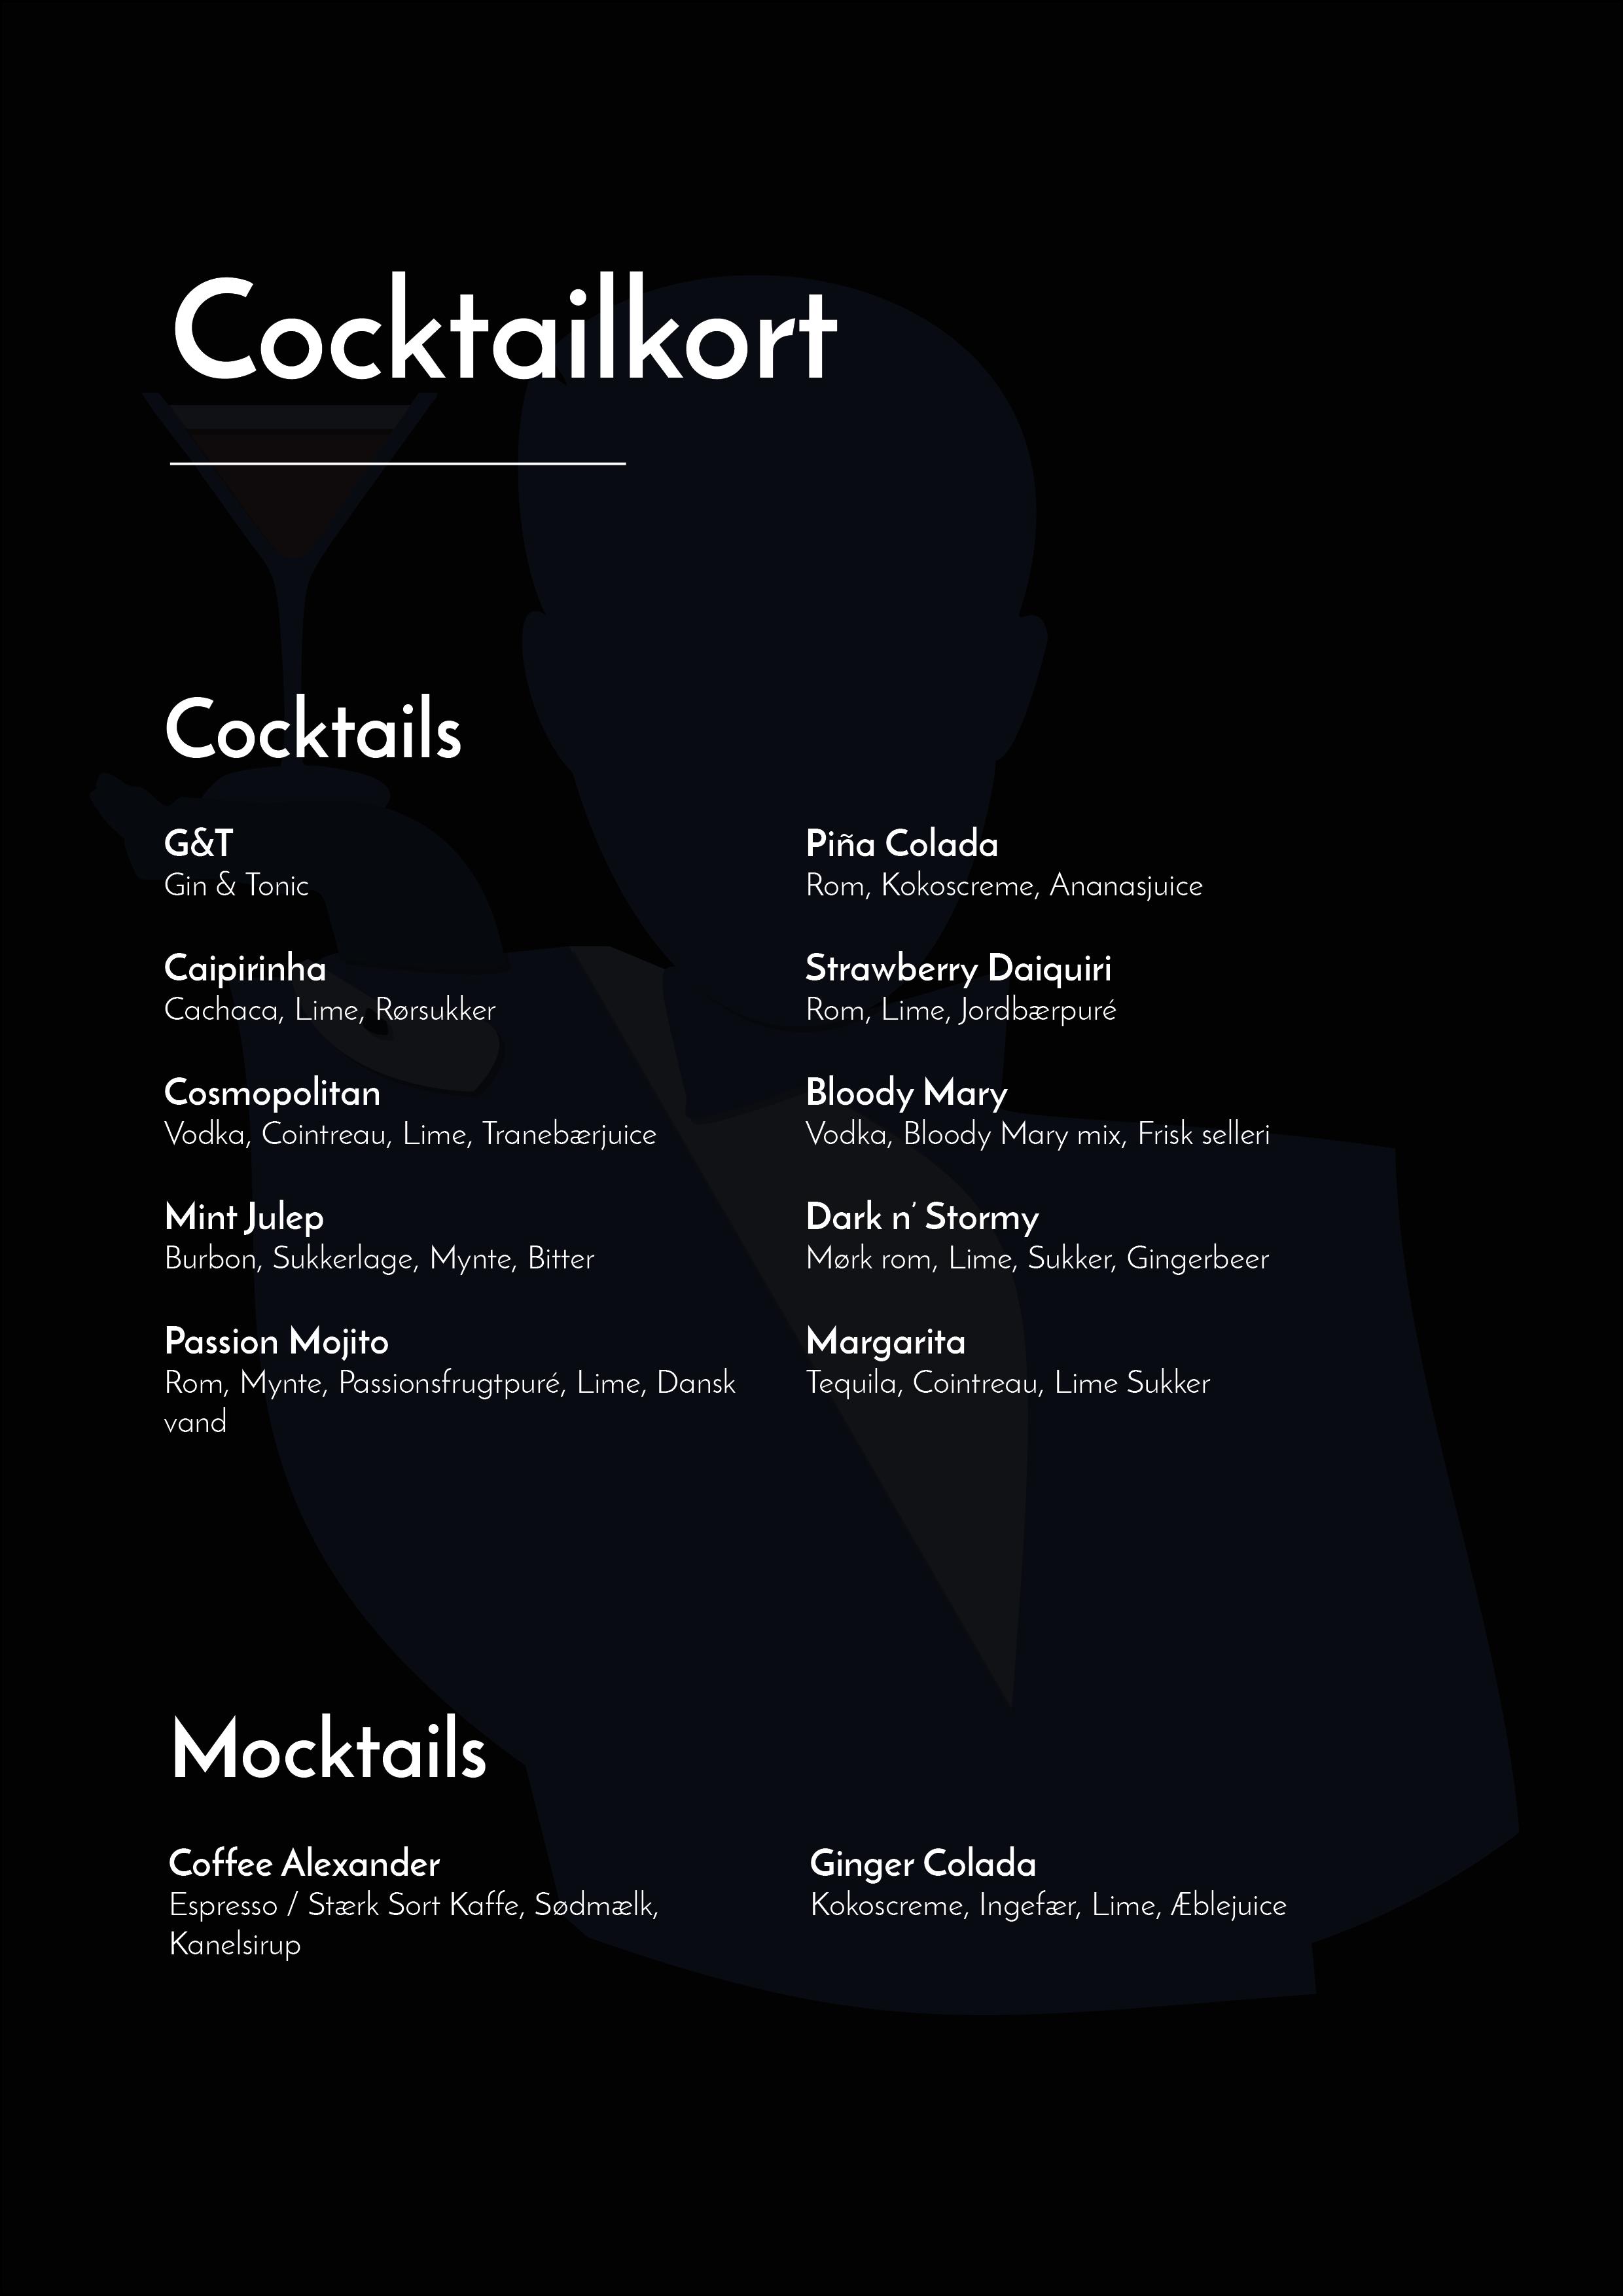 Cocktailkort - lej bartender og få en komplet bar til din næste fest